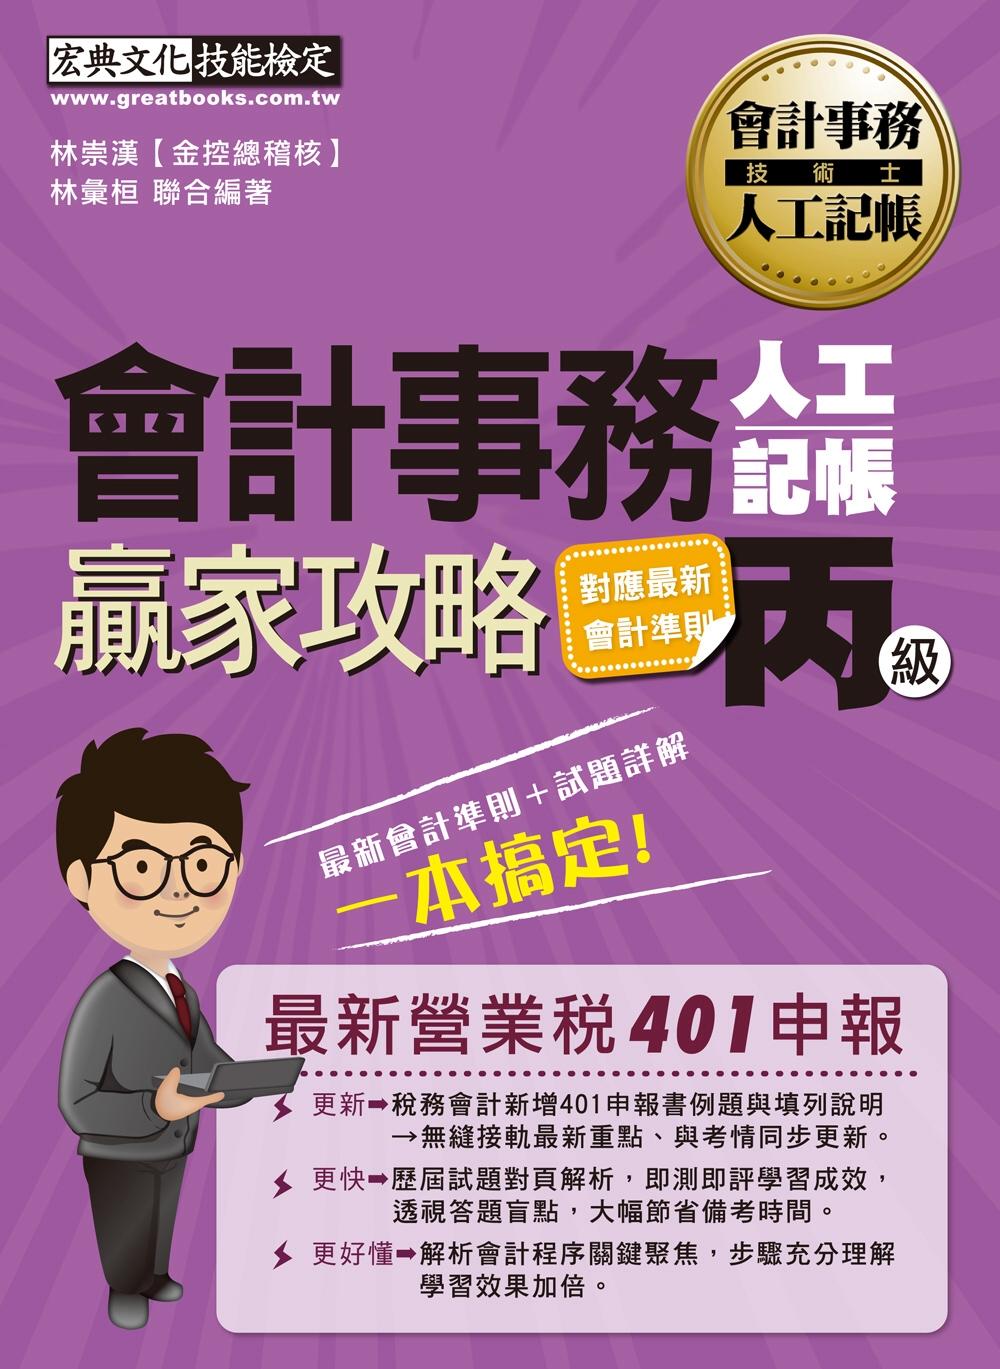 【對應最新401營業稅申報考點...